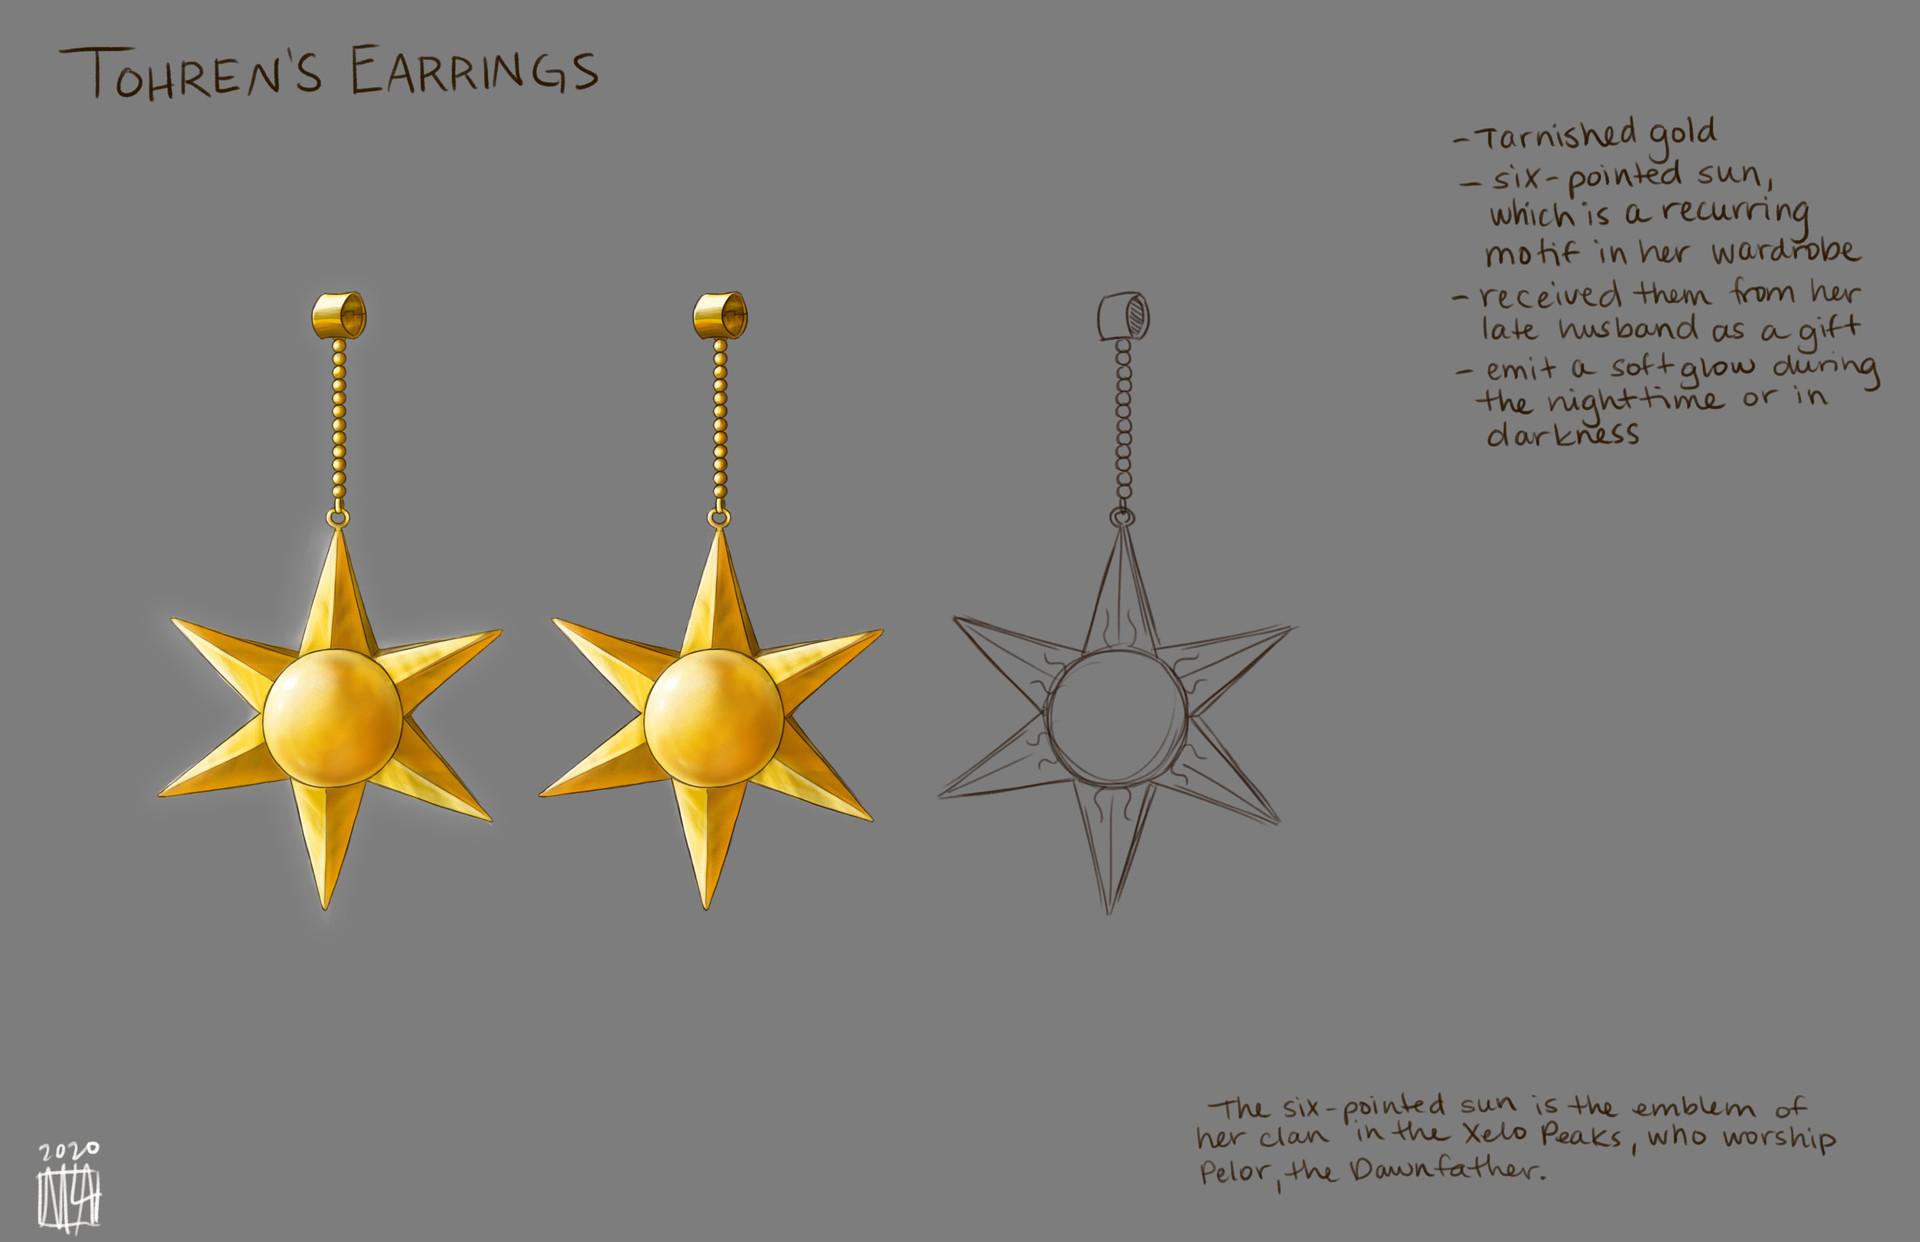 Tohren's Earrings